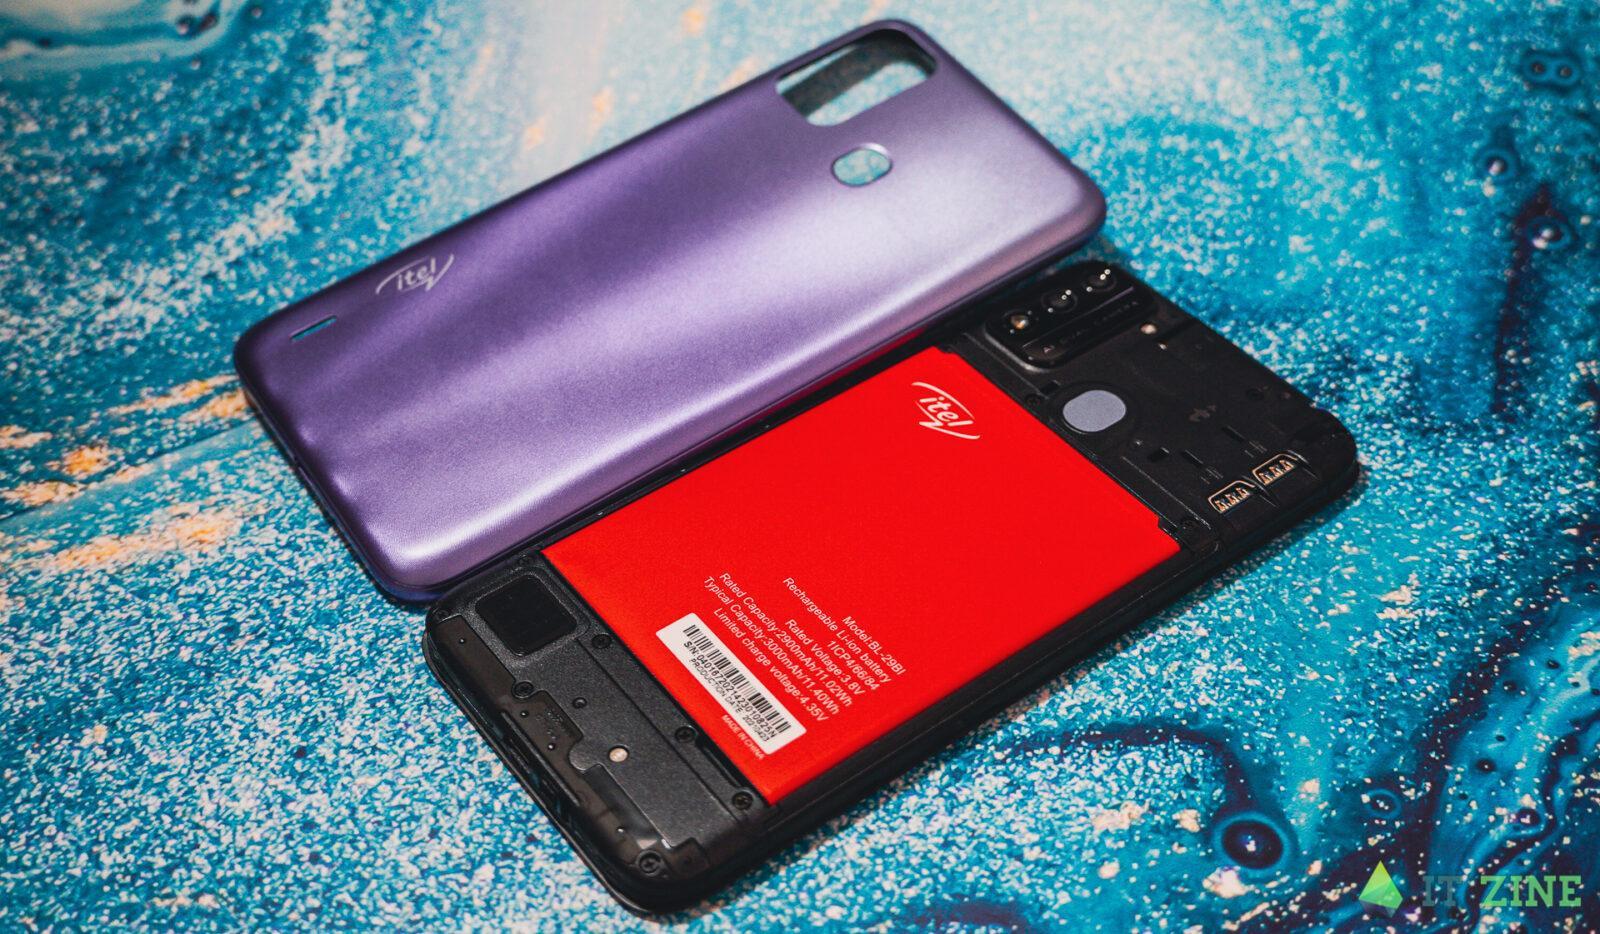 Обзор Itel A48: недорогой смартфон с LTE для школьников (itel A48 14)